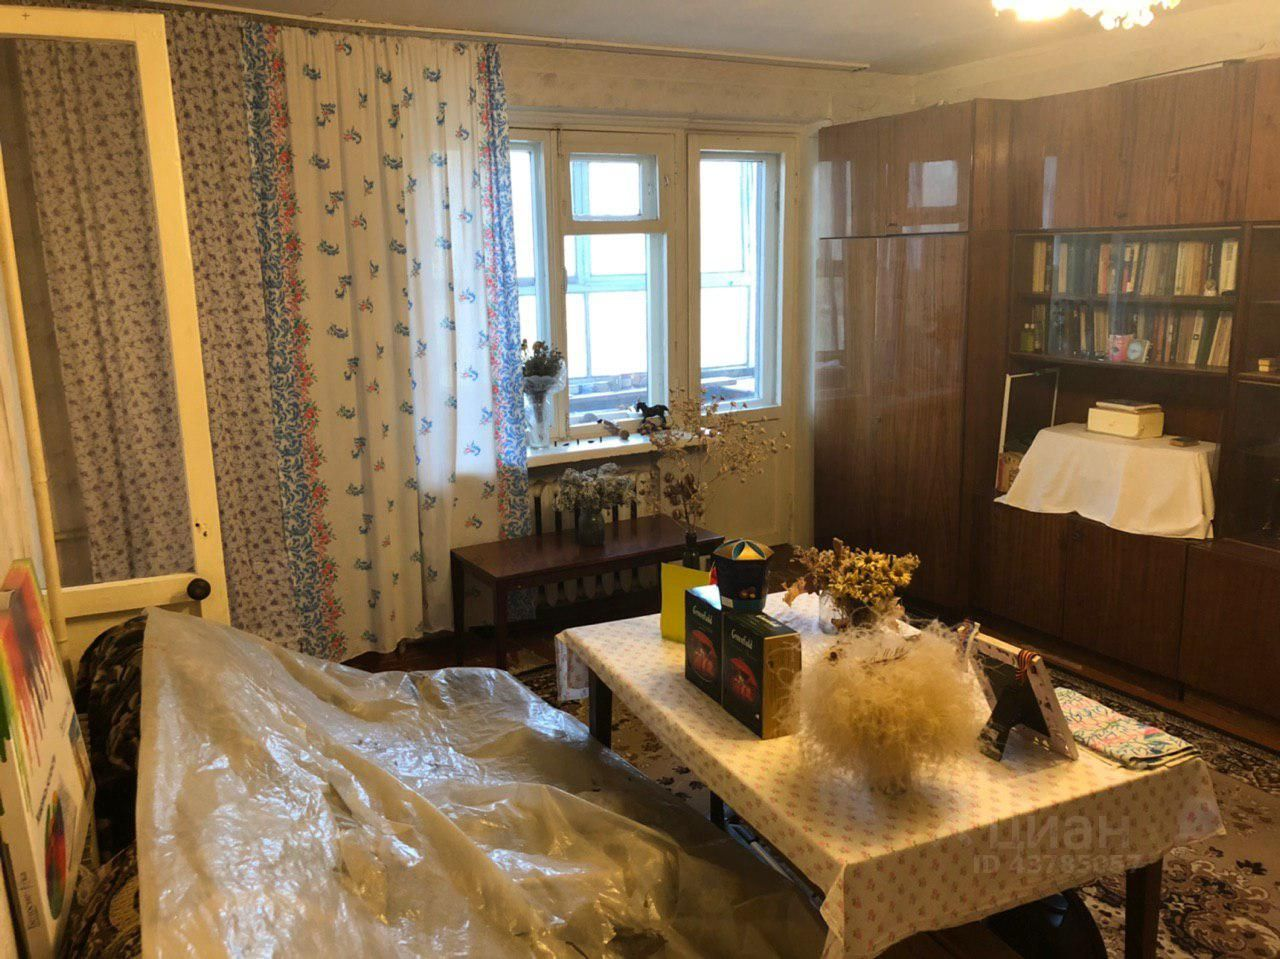 Квартира на продажу по адресу Россия, Белгородская область, Старый Оскол, Лебединец мкр